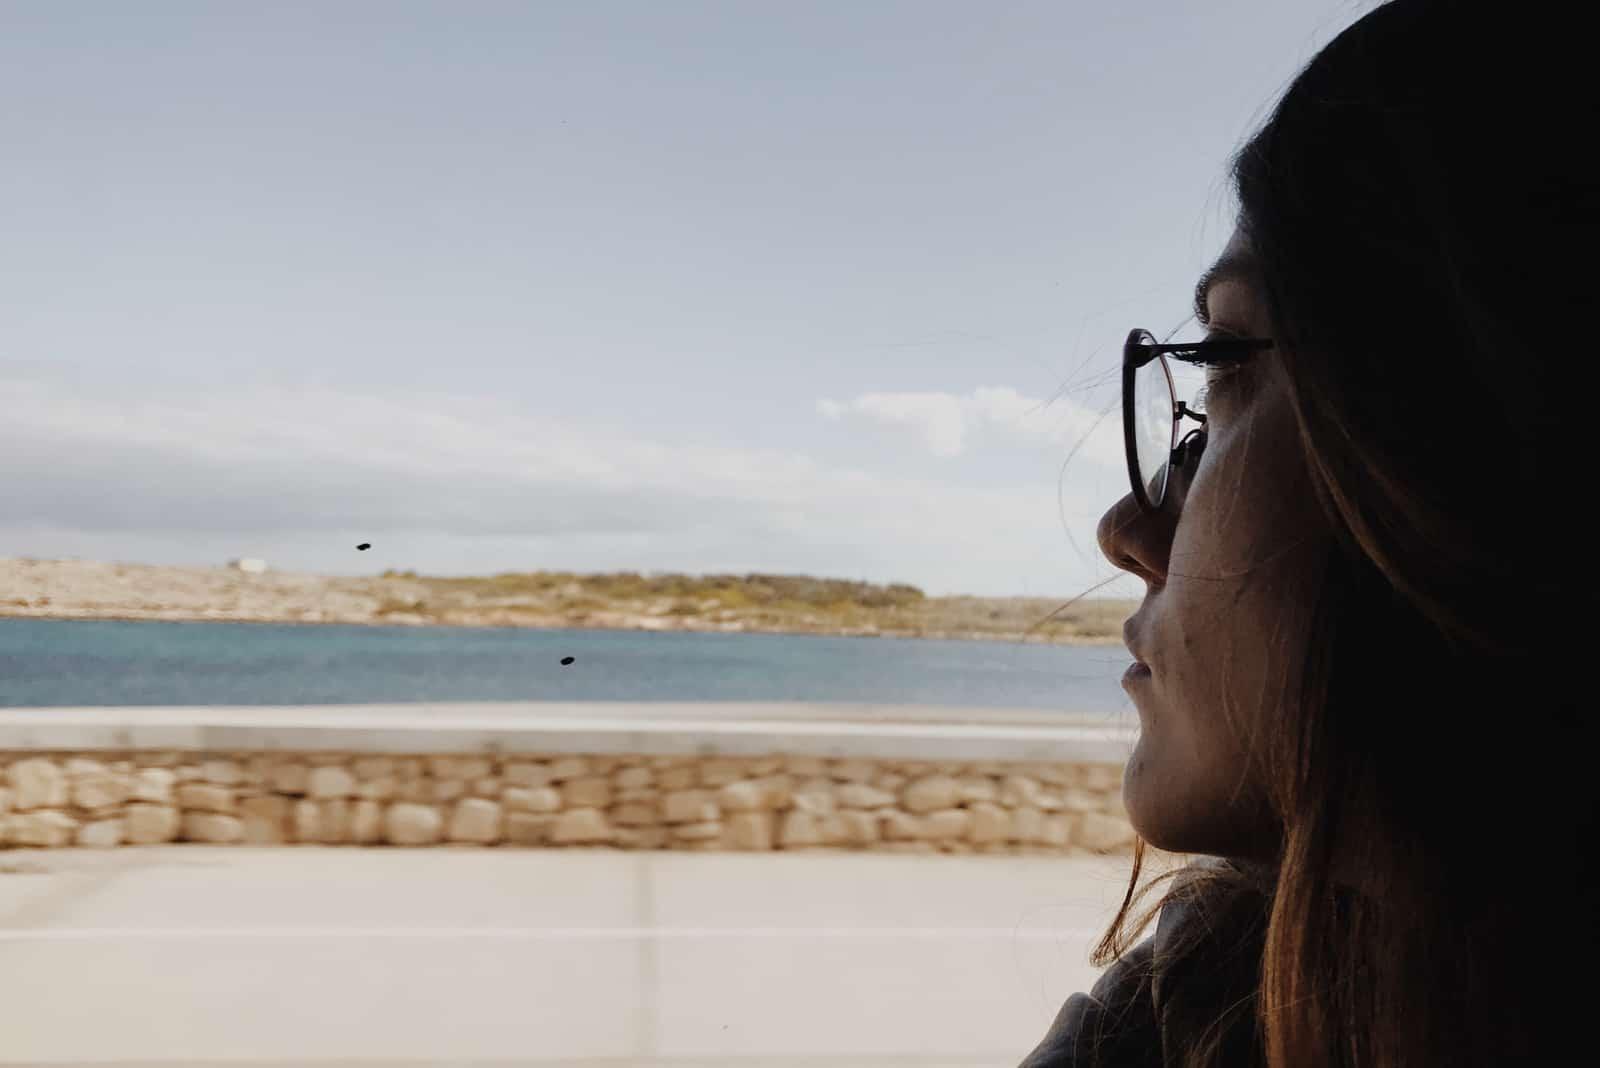 fille triste à travers la fenêtre de la voiture en regardant la mer